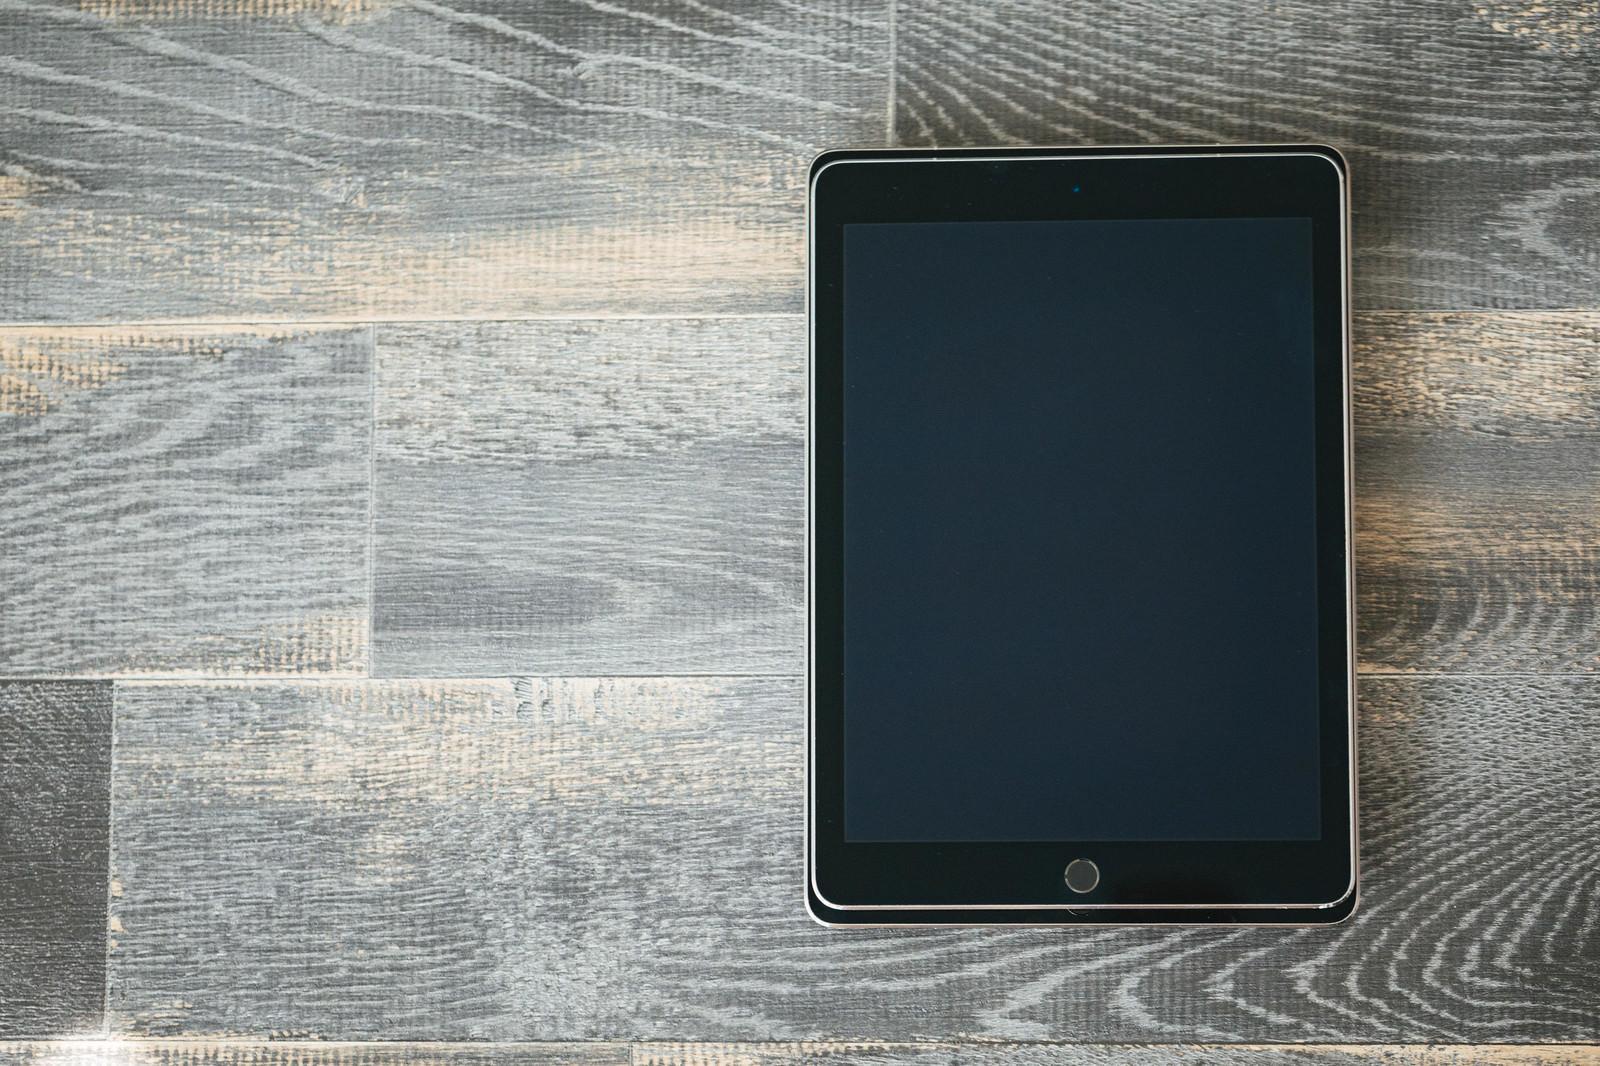 「大きさが異なるタブレットを重ねる大きさが異なるタブレットを重ねる」のフリー写真素材を拡大